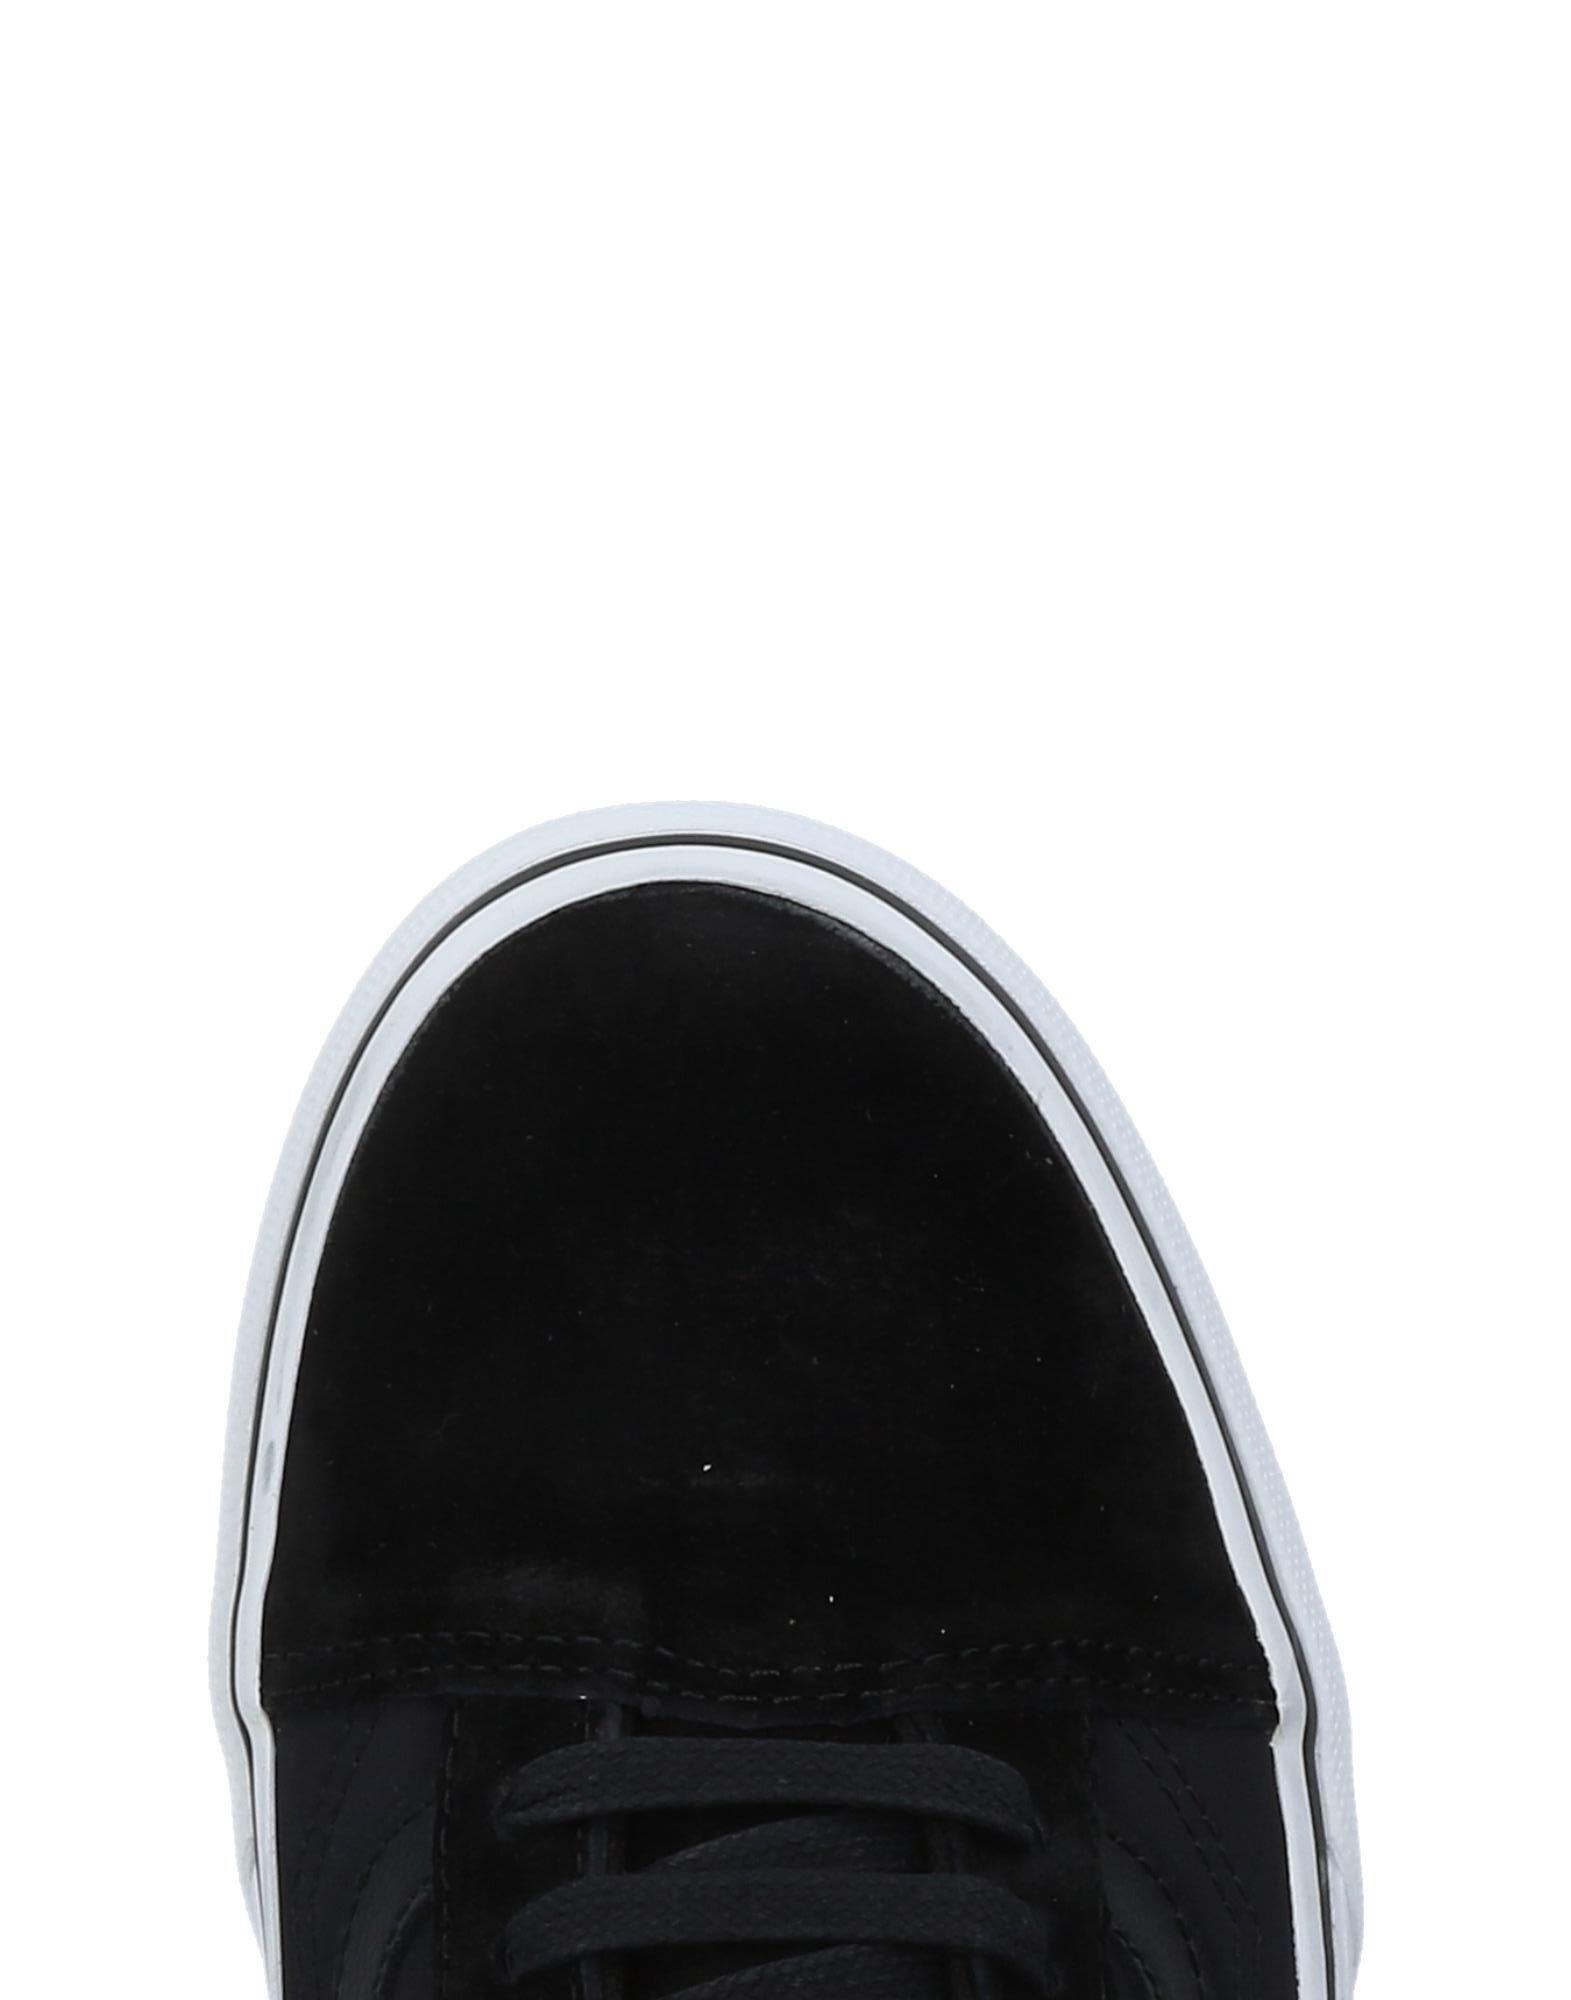 Vans Sneakers Damen   11477984XT Heiße Schuhe 905d9a